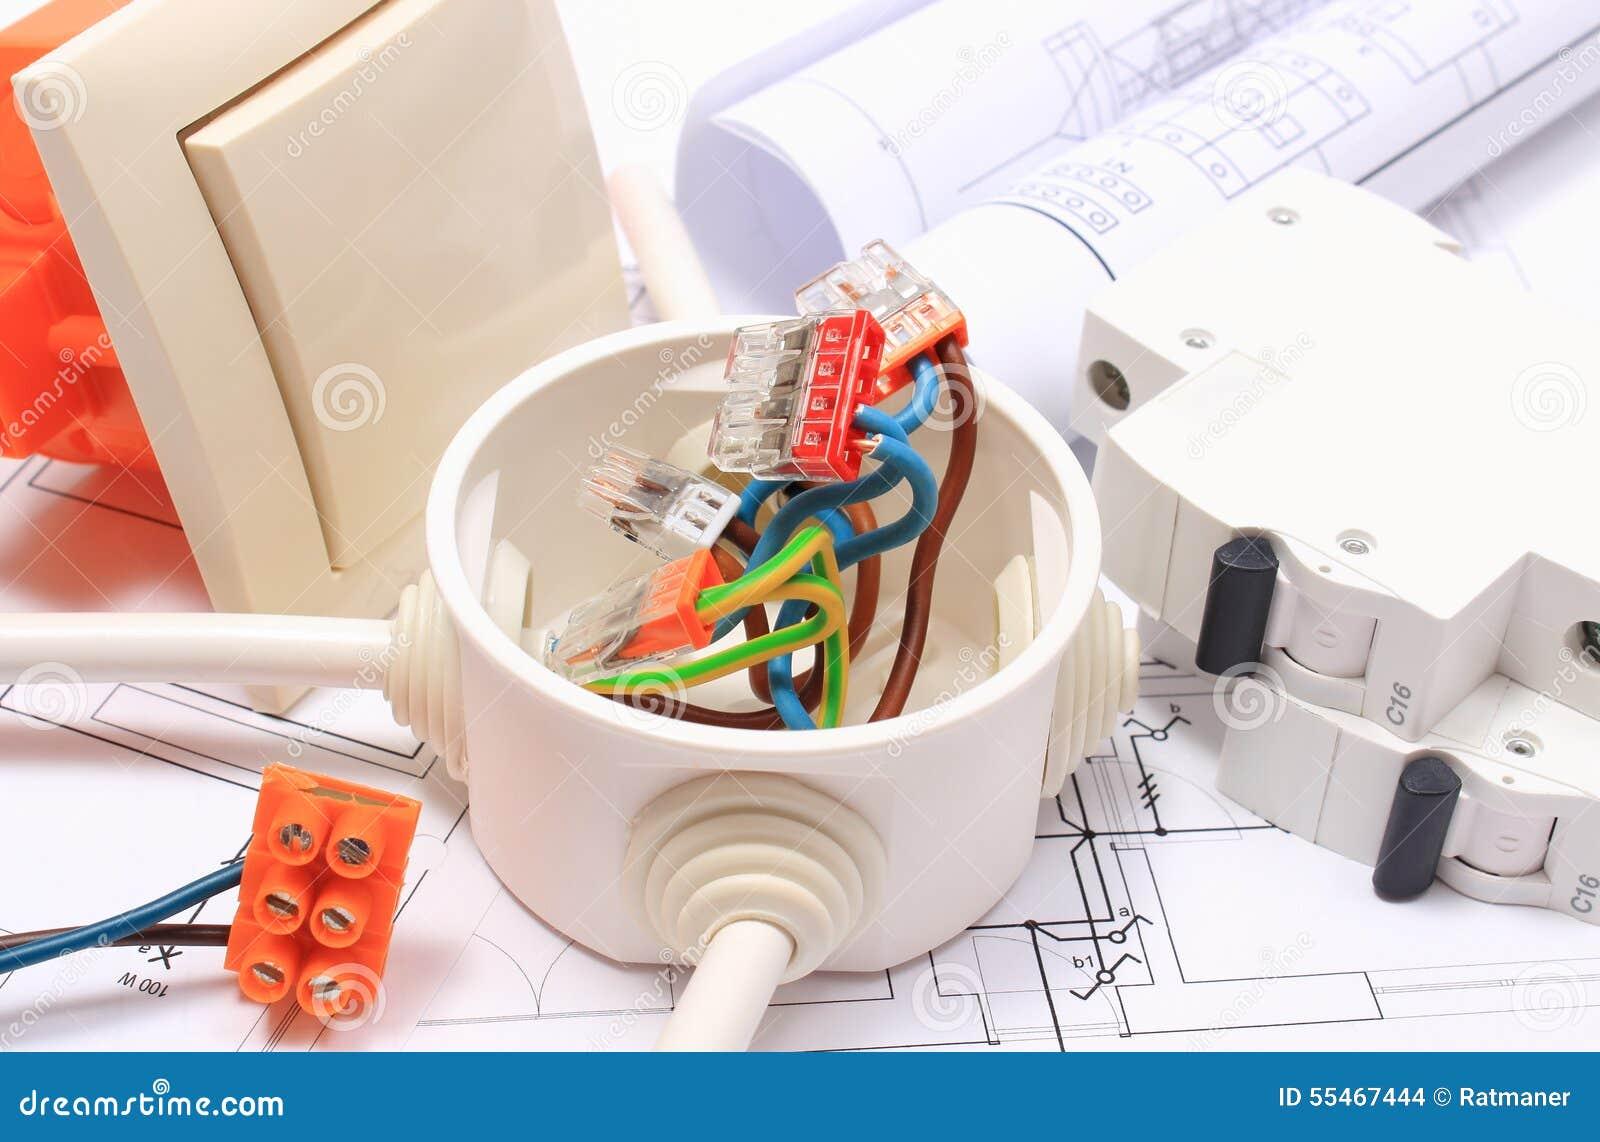 Komponenten Für Elektrische Installationen Und Baudiagramme ...